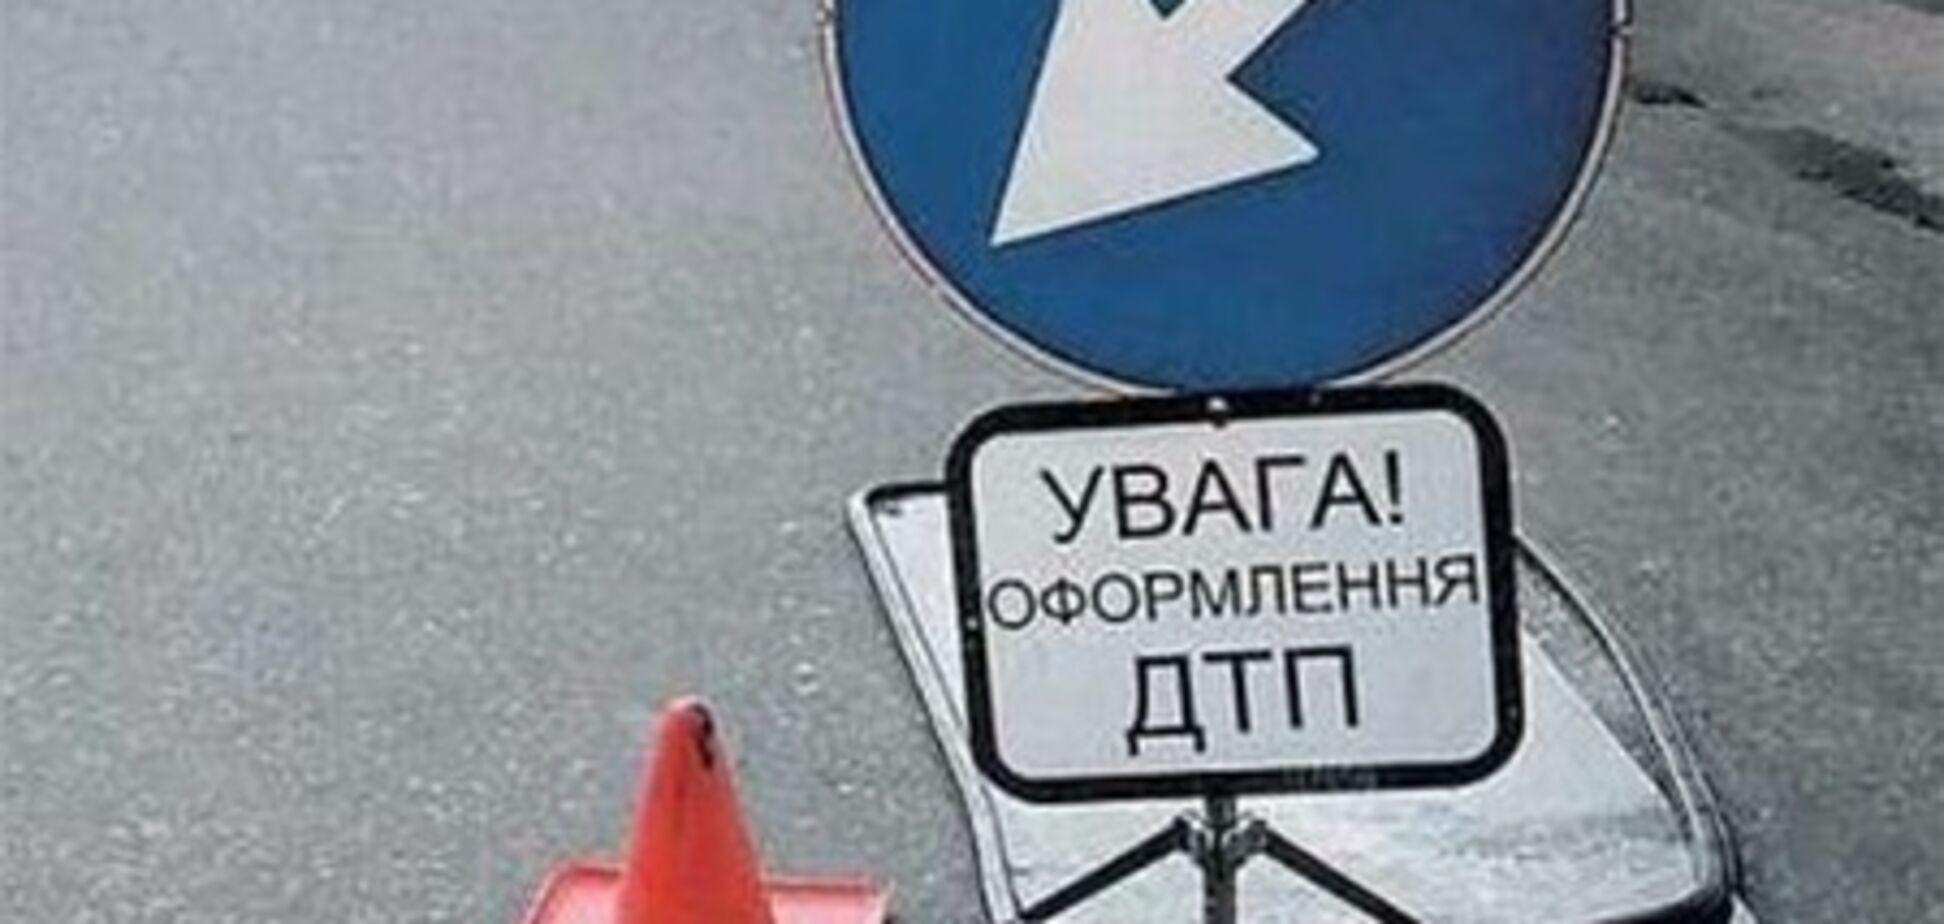 Найден виновный в ДТП с машиной тернопольского губернатора